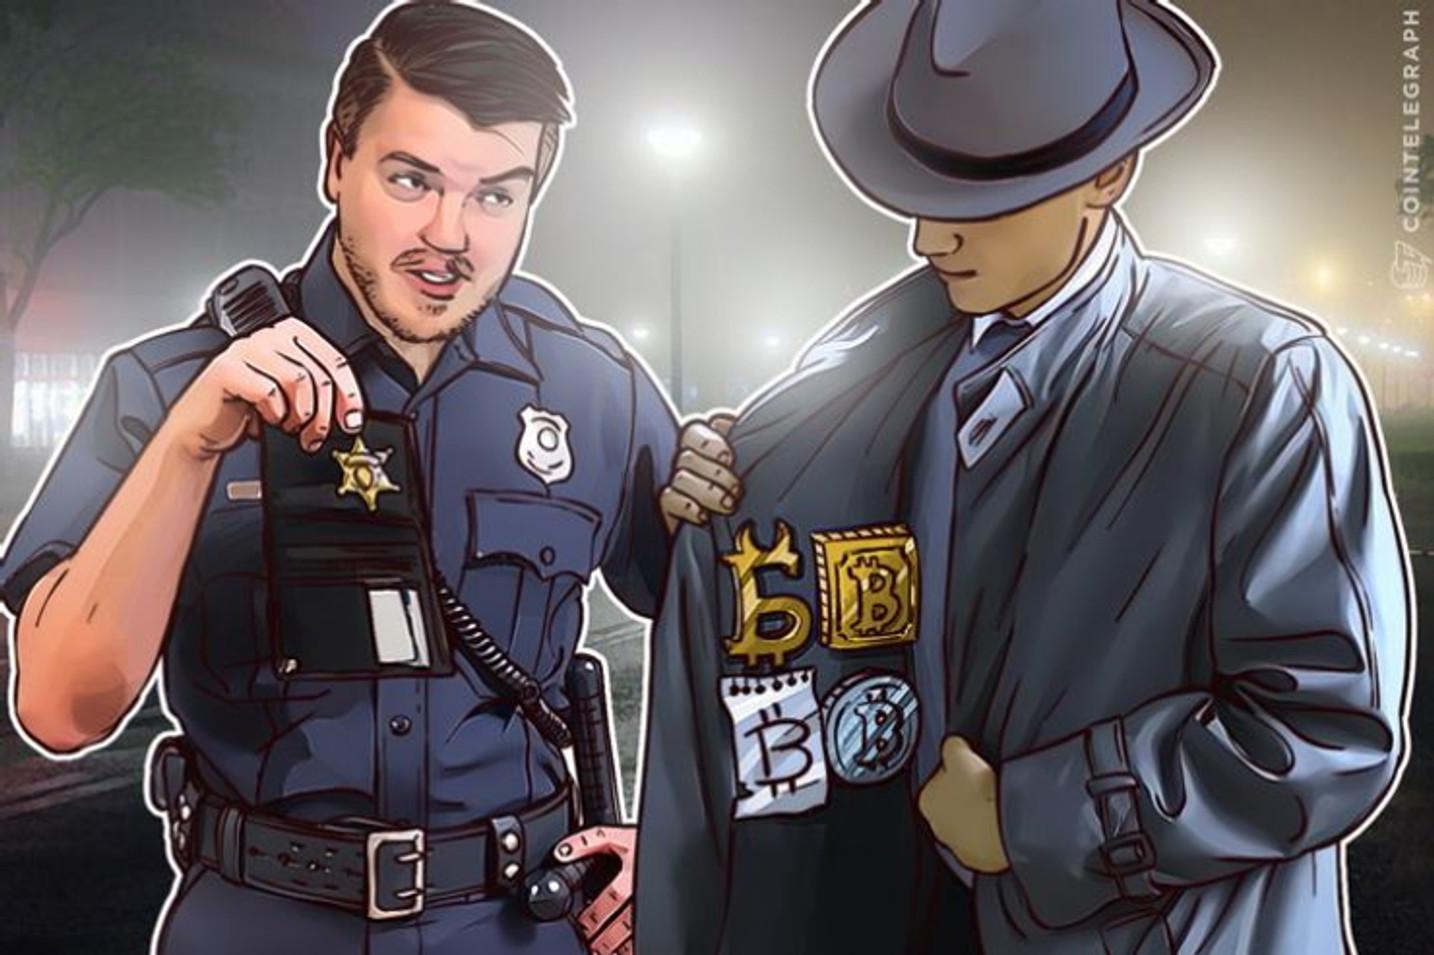 Policia Civil prende homem que aplicava golpes com Bitcoin e estava foragido